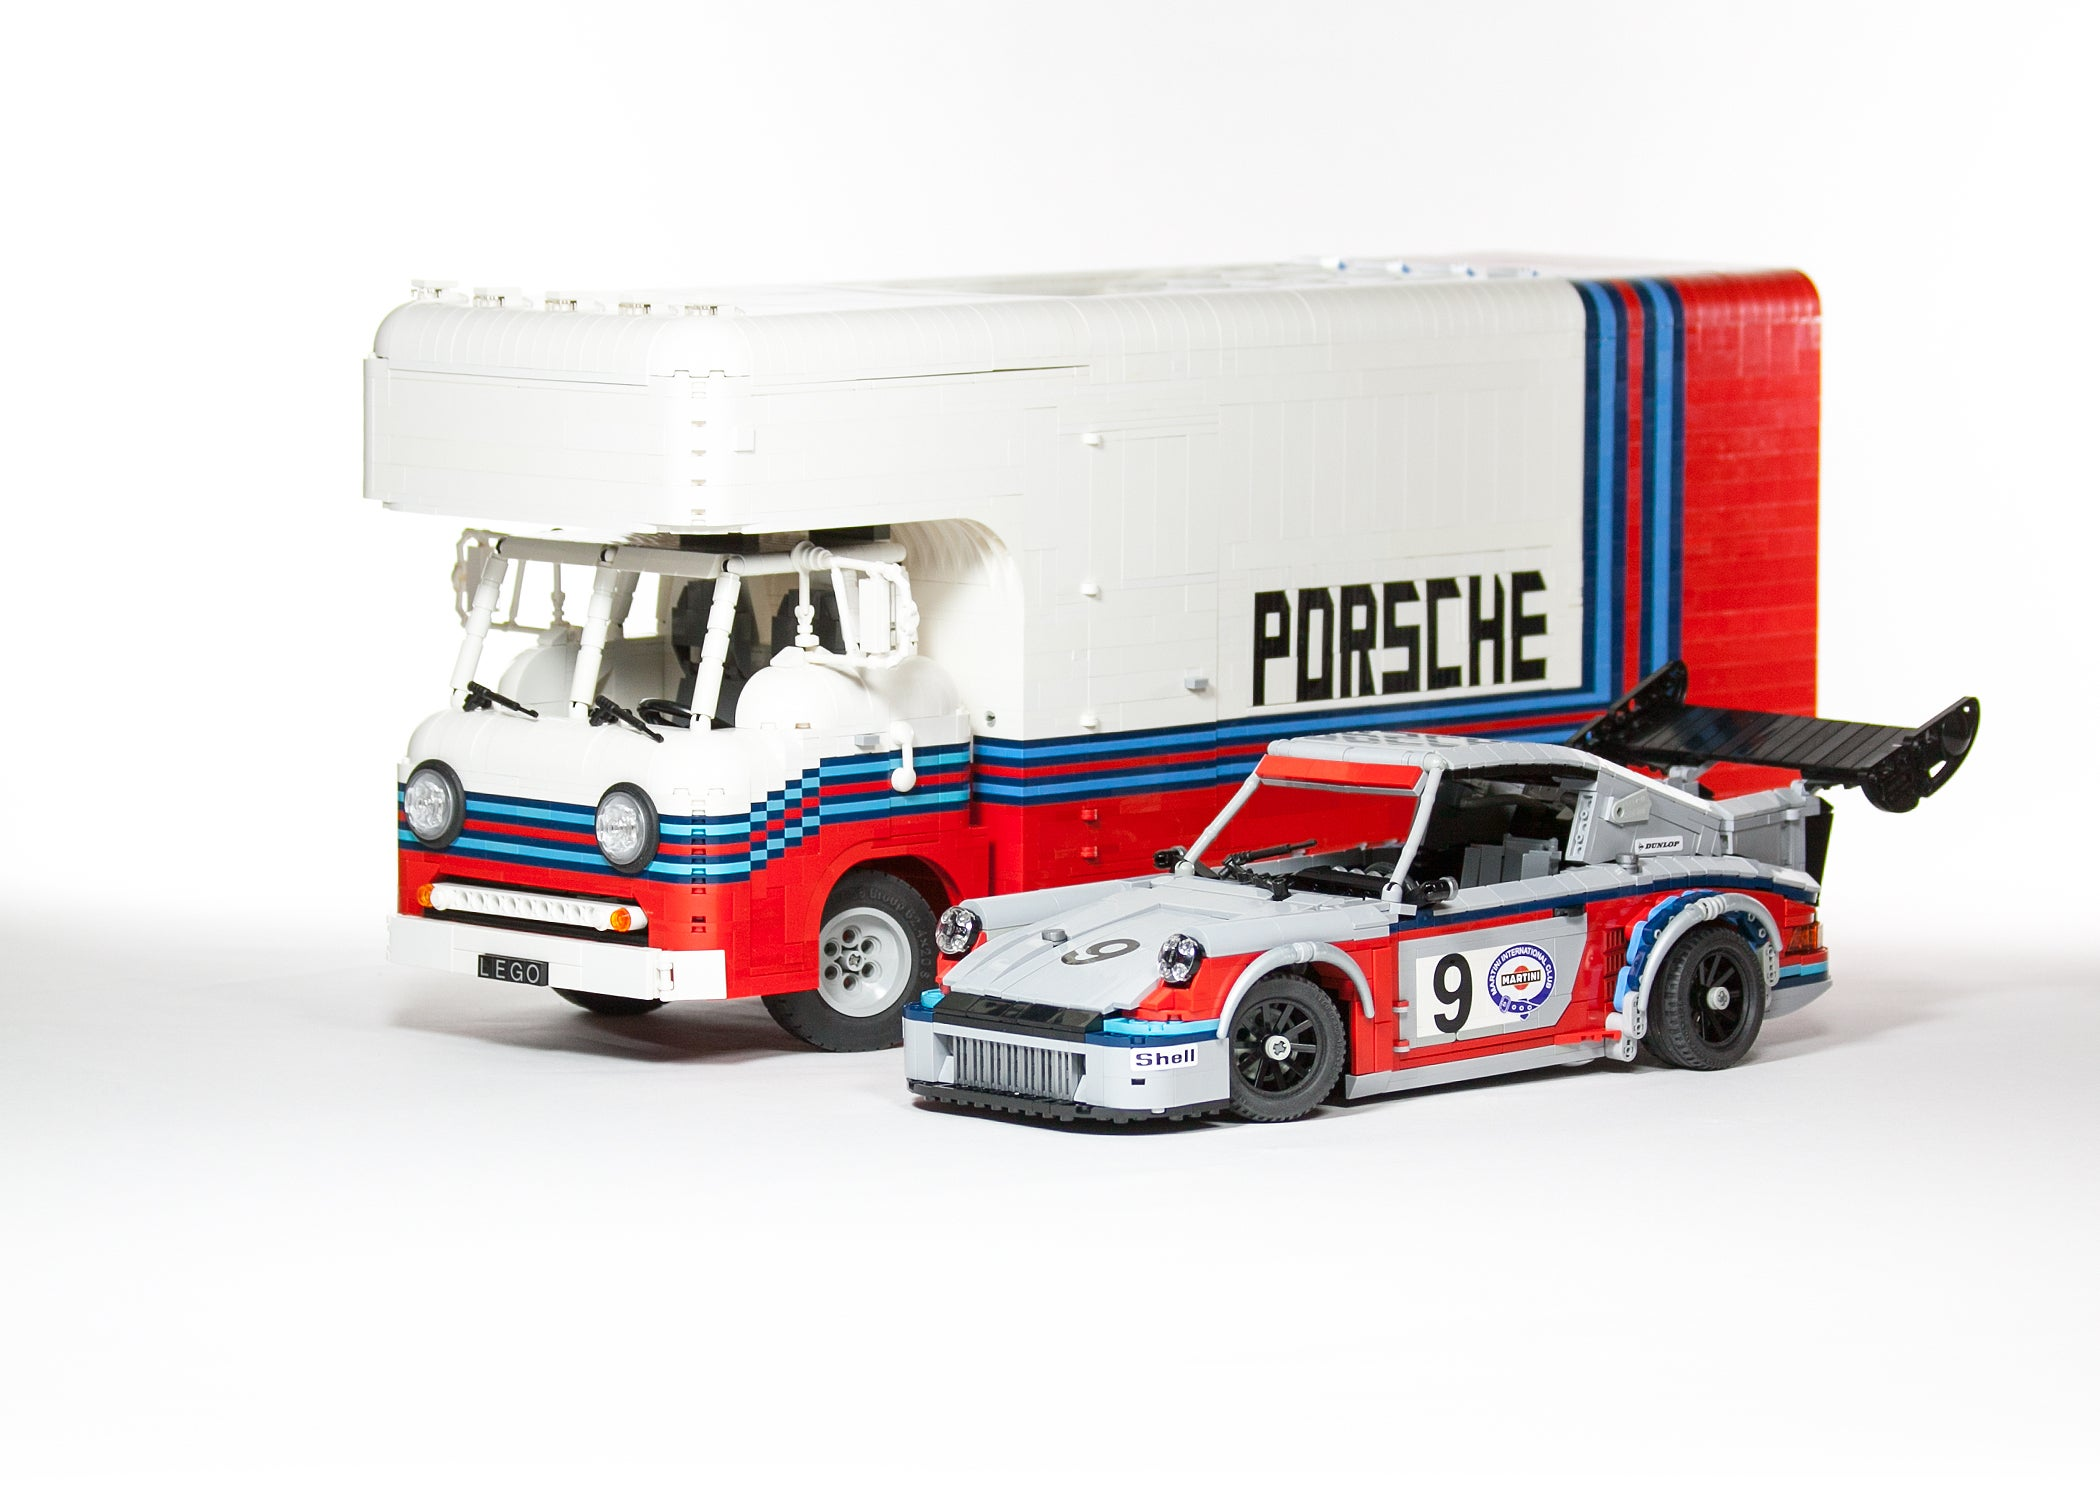 Lego Porsche Martini Racing Team